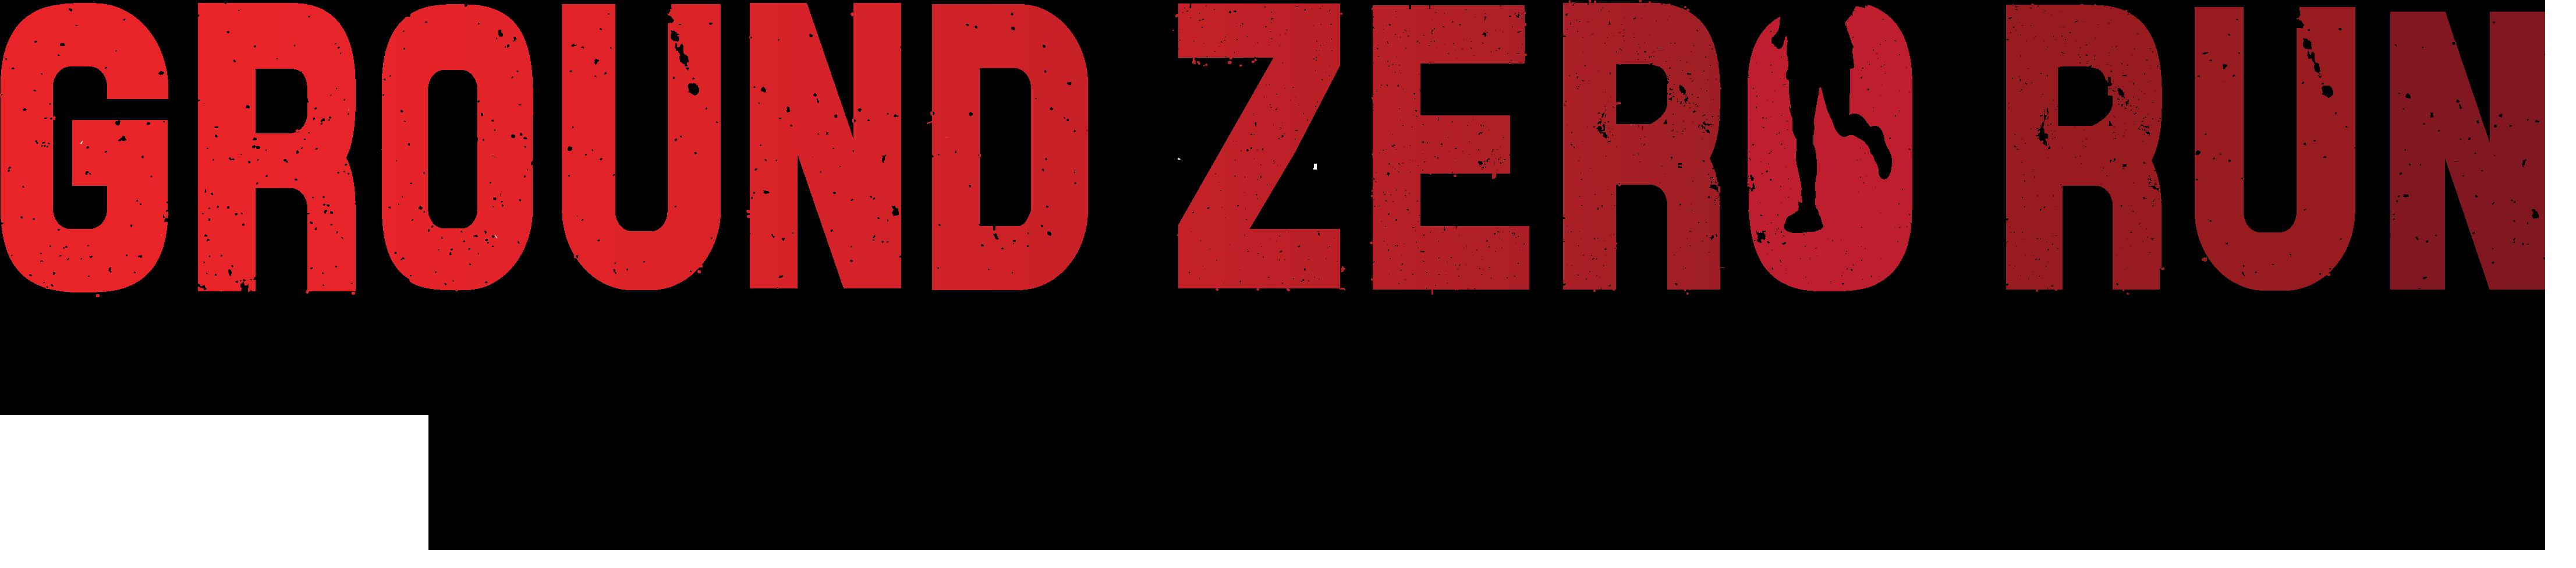 Logo of Ground Zero Run Virtual Challenge 2020